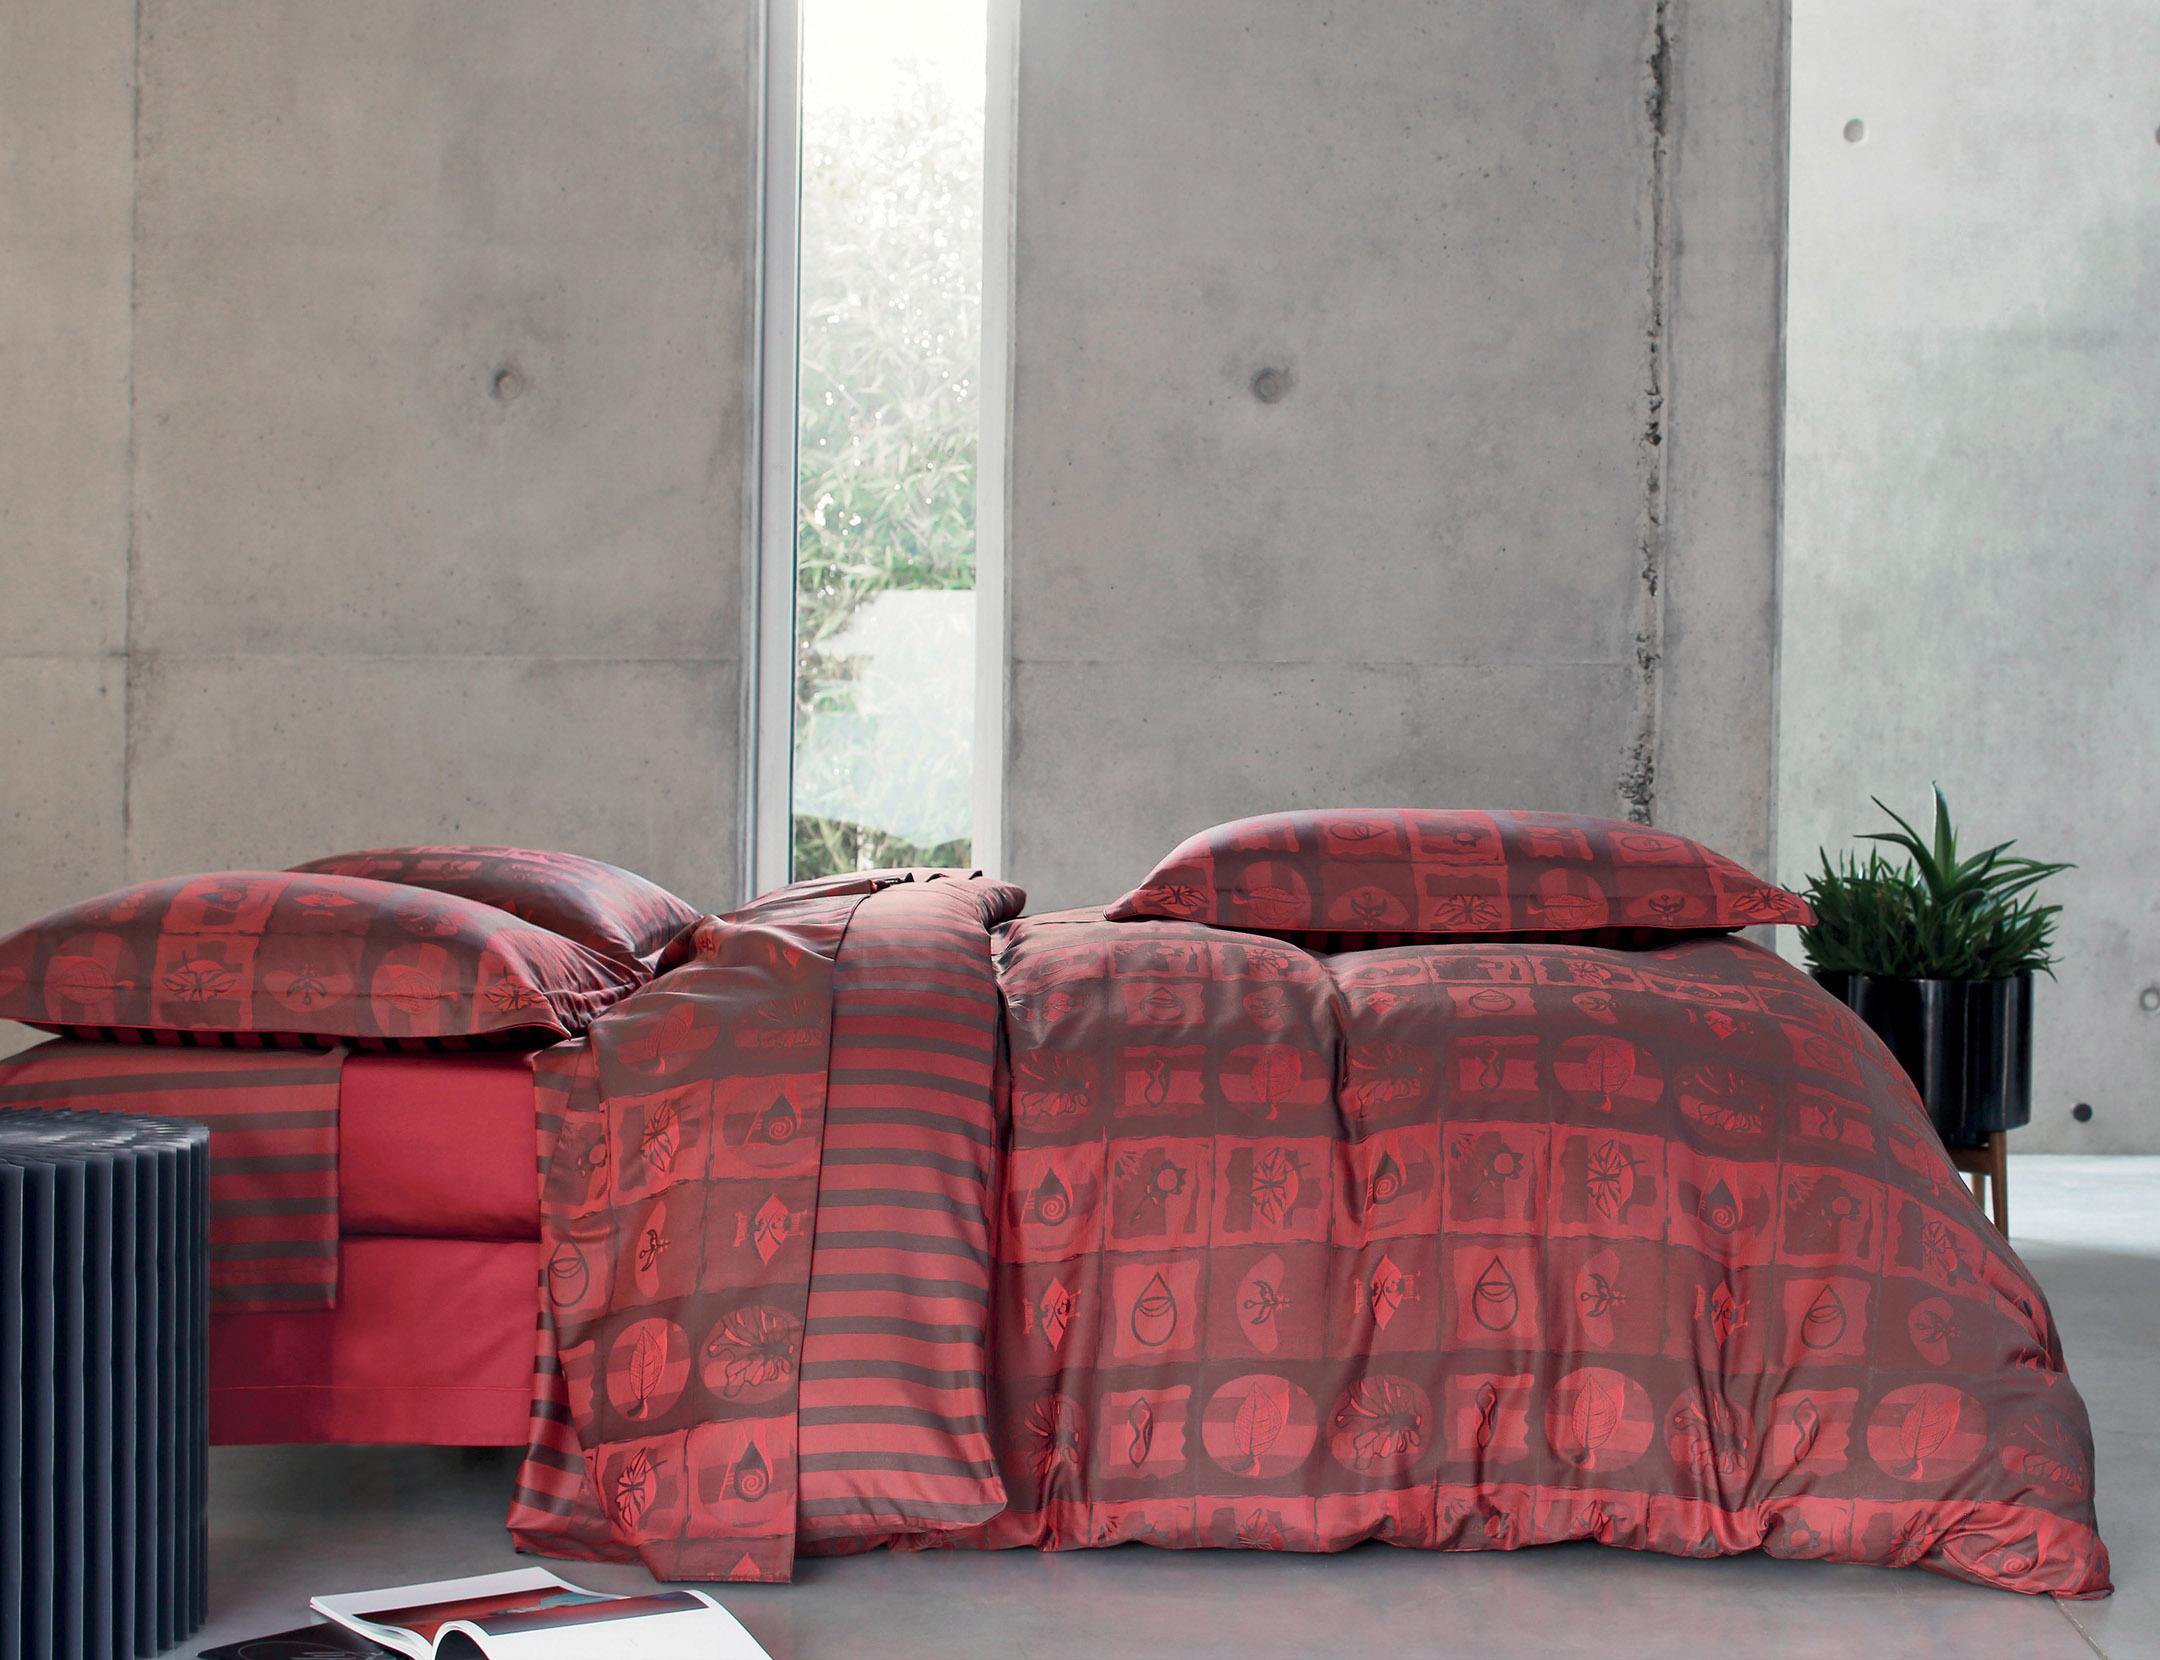 oxalis housse de couette la boutique blanc des vosges. Black Bedroom Furniture Sets. Home Design Ideas